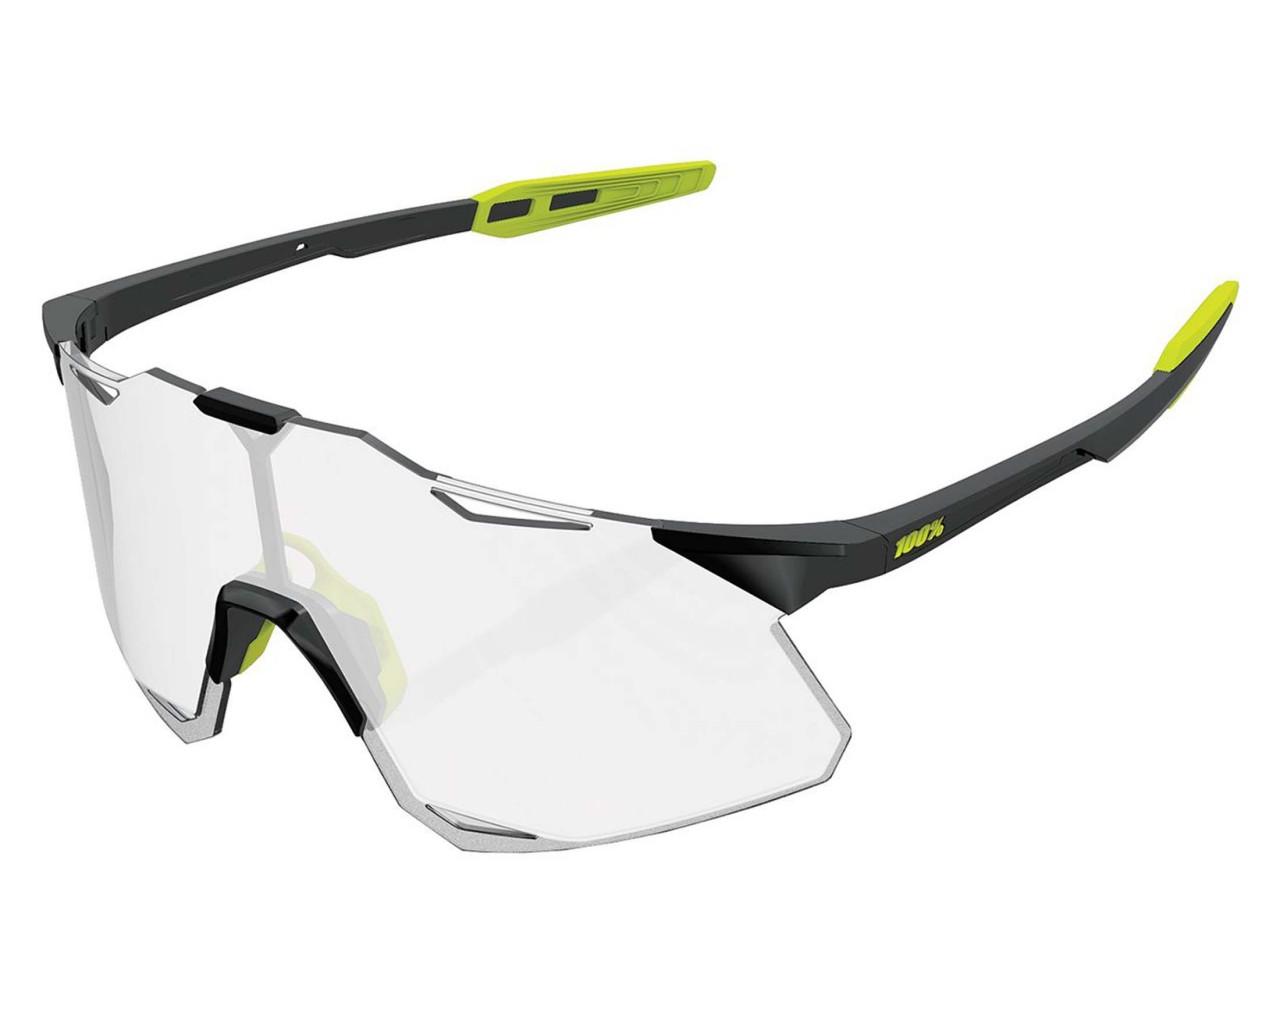 100% Hypercraft - Photochromic Lens Sportsonnenbrille | gloss black